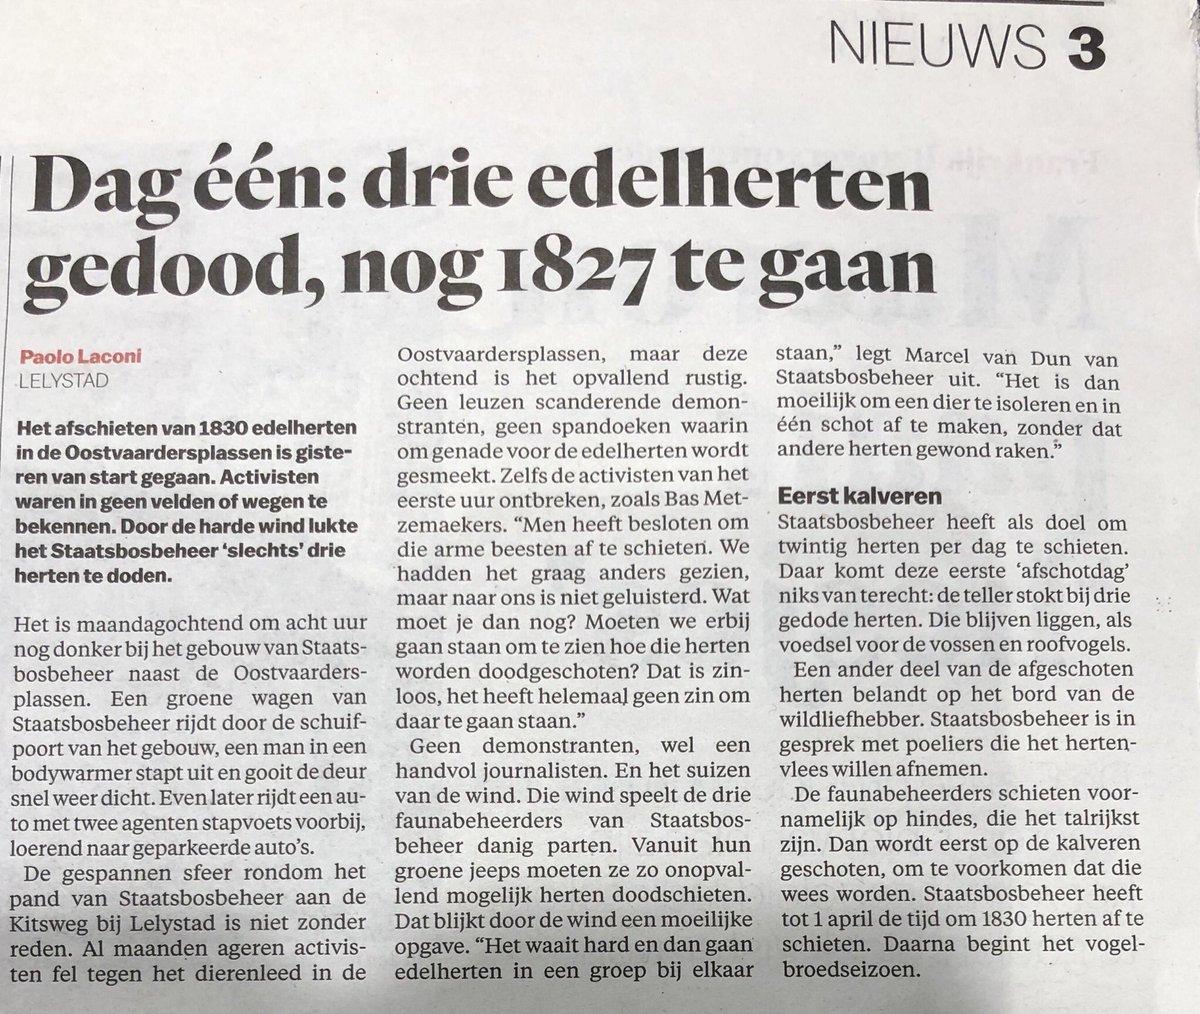 test Twitter Media - We zijn heel begaan met het lot van de edelherten in de Oostvaardersplassen en volgen het nieuws op de voet... mooi... maar hoe zit het met de duizenden vluchtelingen - vrouwen en kinderen - op Lesbos die half-kreperen in de winter?? Waarom kijken we daar weg? #kijknietweg https://t.co/qsABo6A7Vm